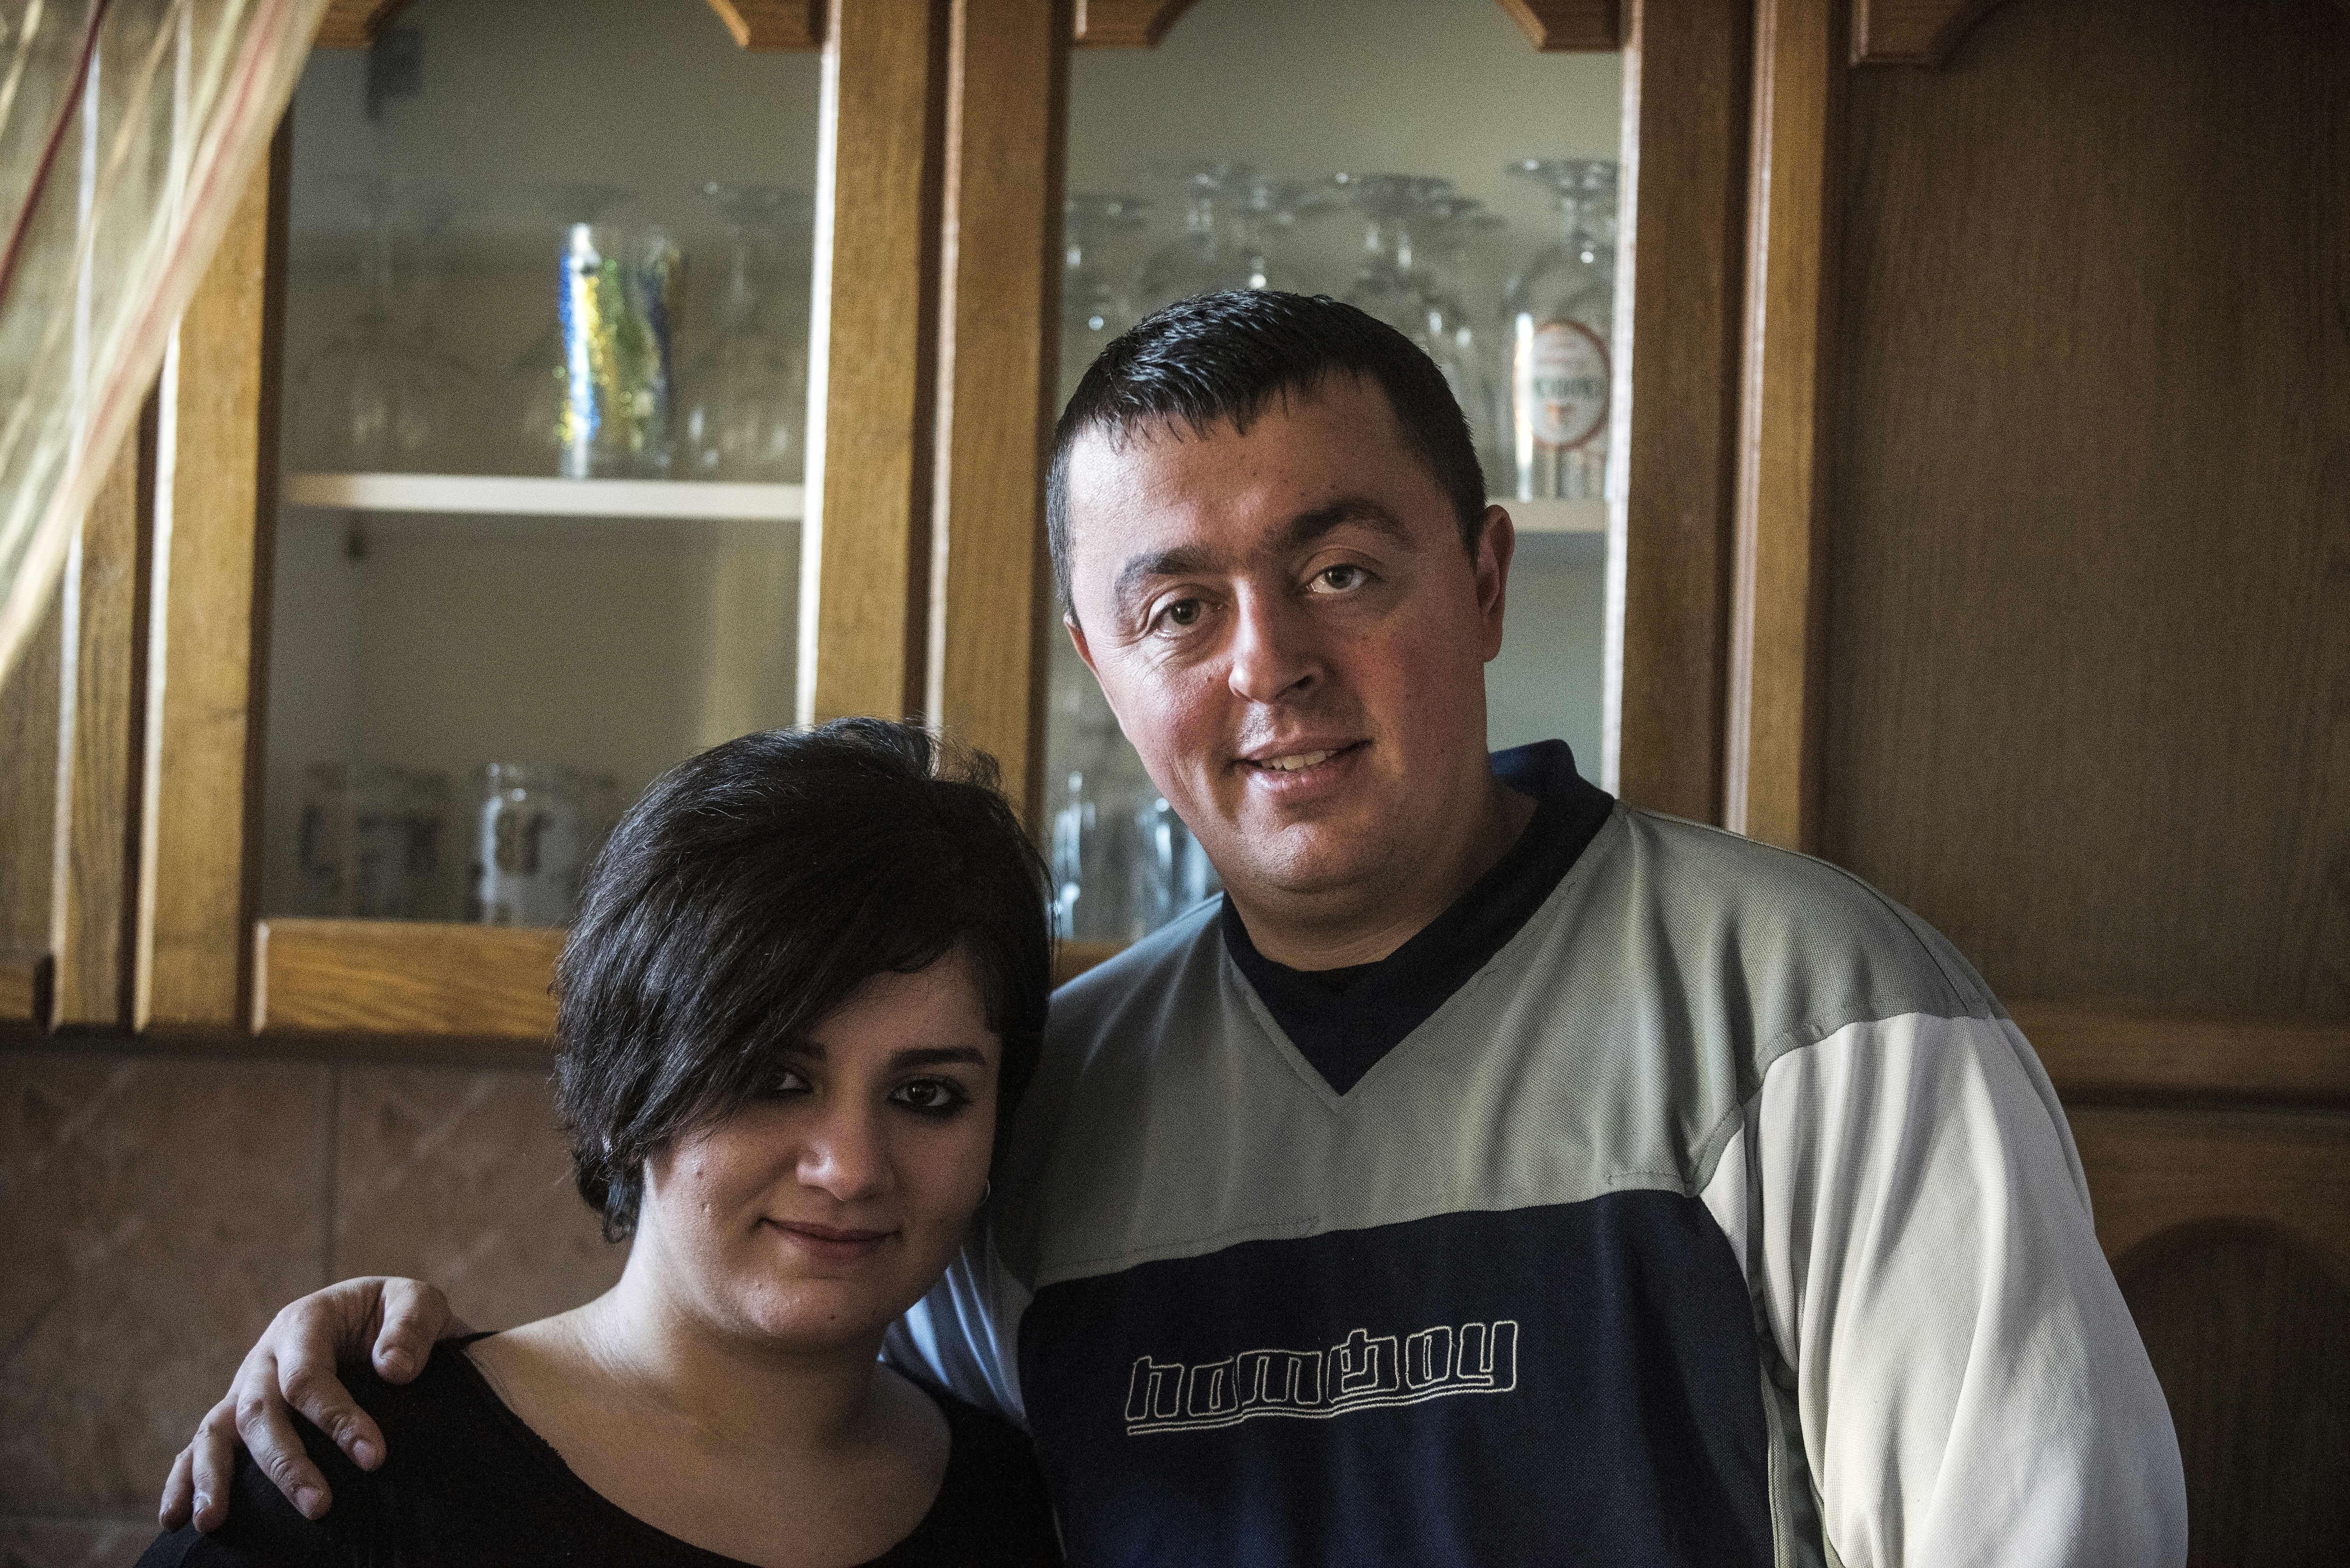 Az iraki lány Németországba akart eljutni, de végül egy macedón határőr felesége lett